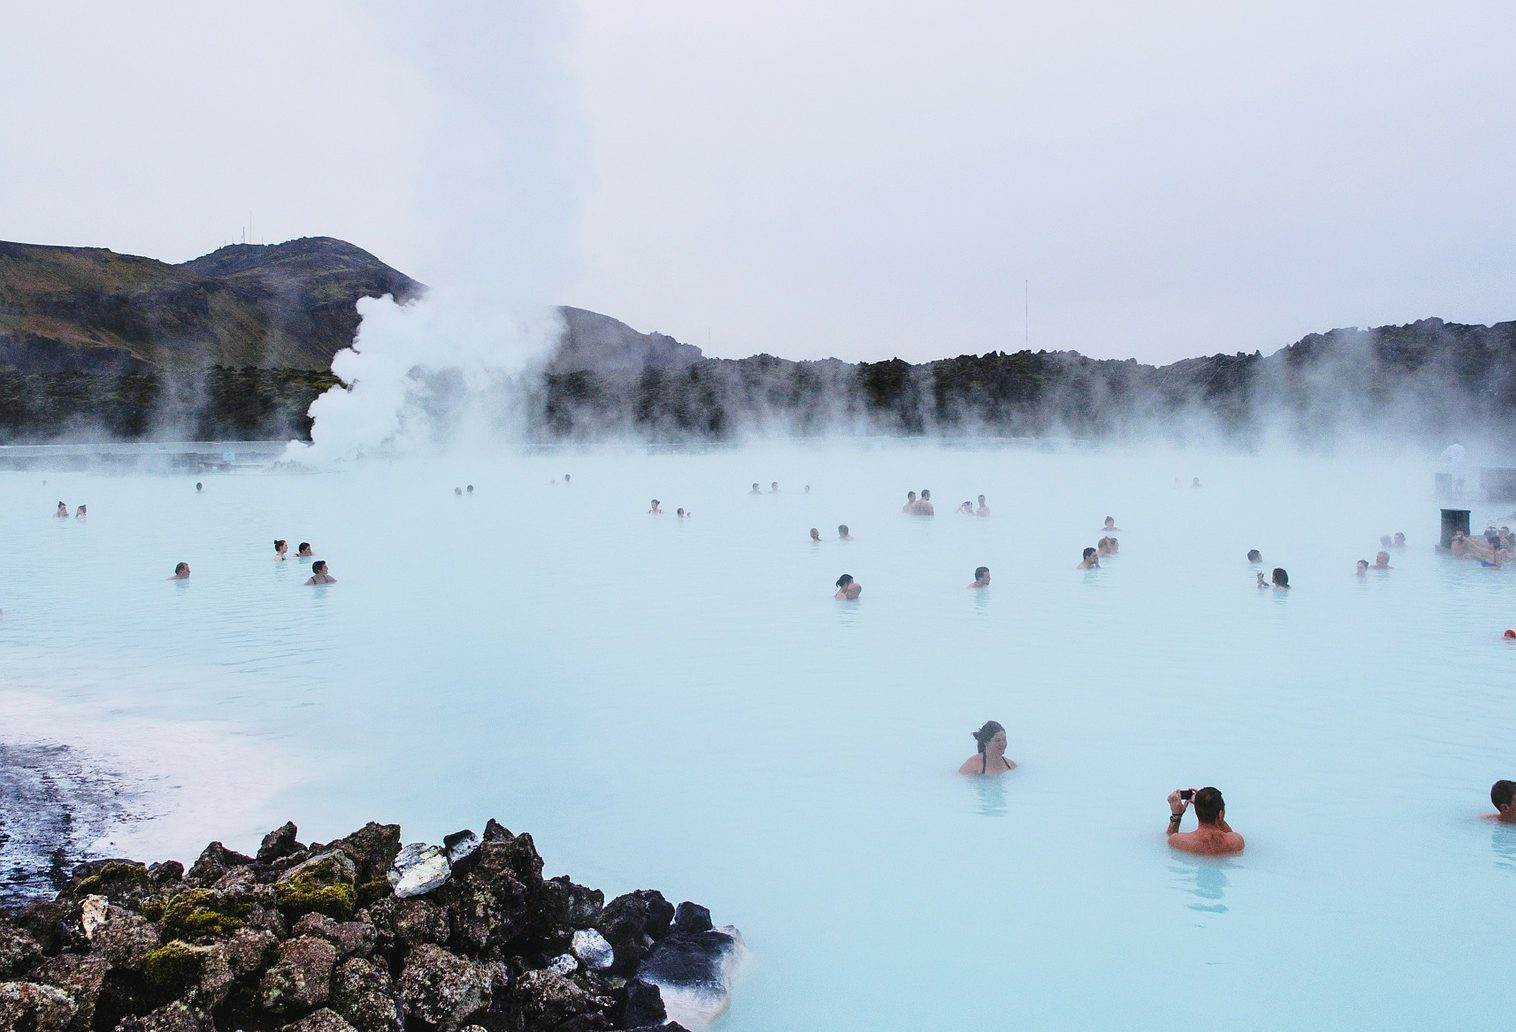 islanda attrazioni turistiche